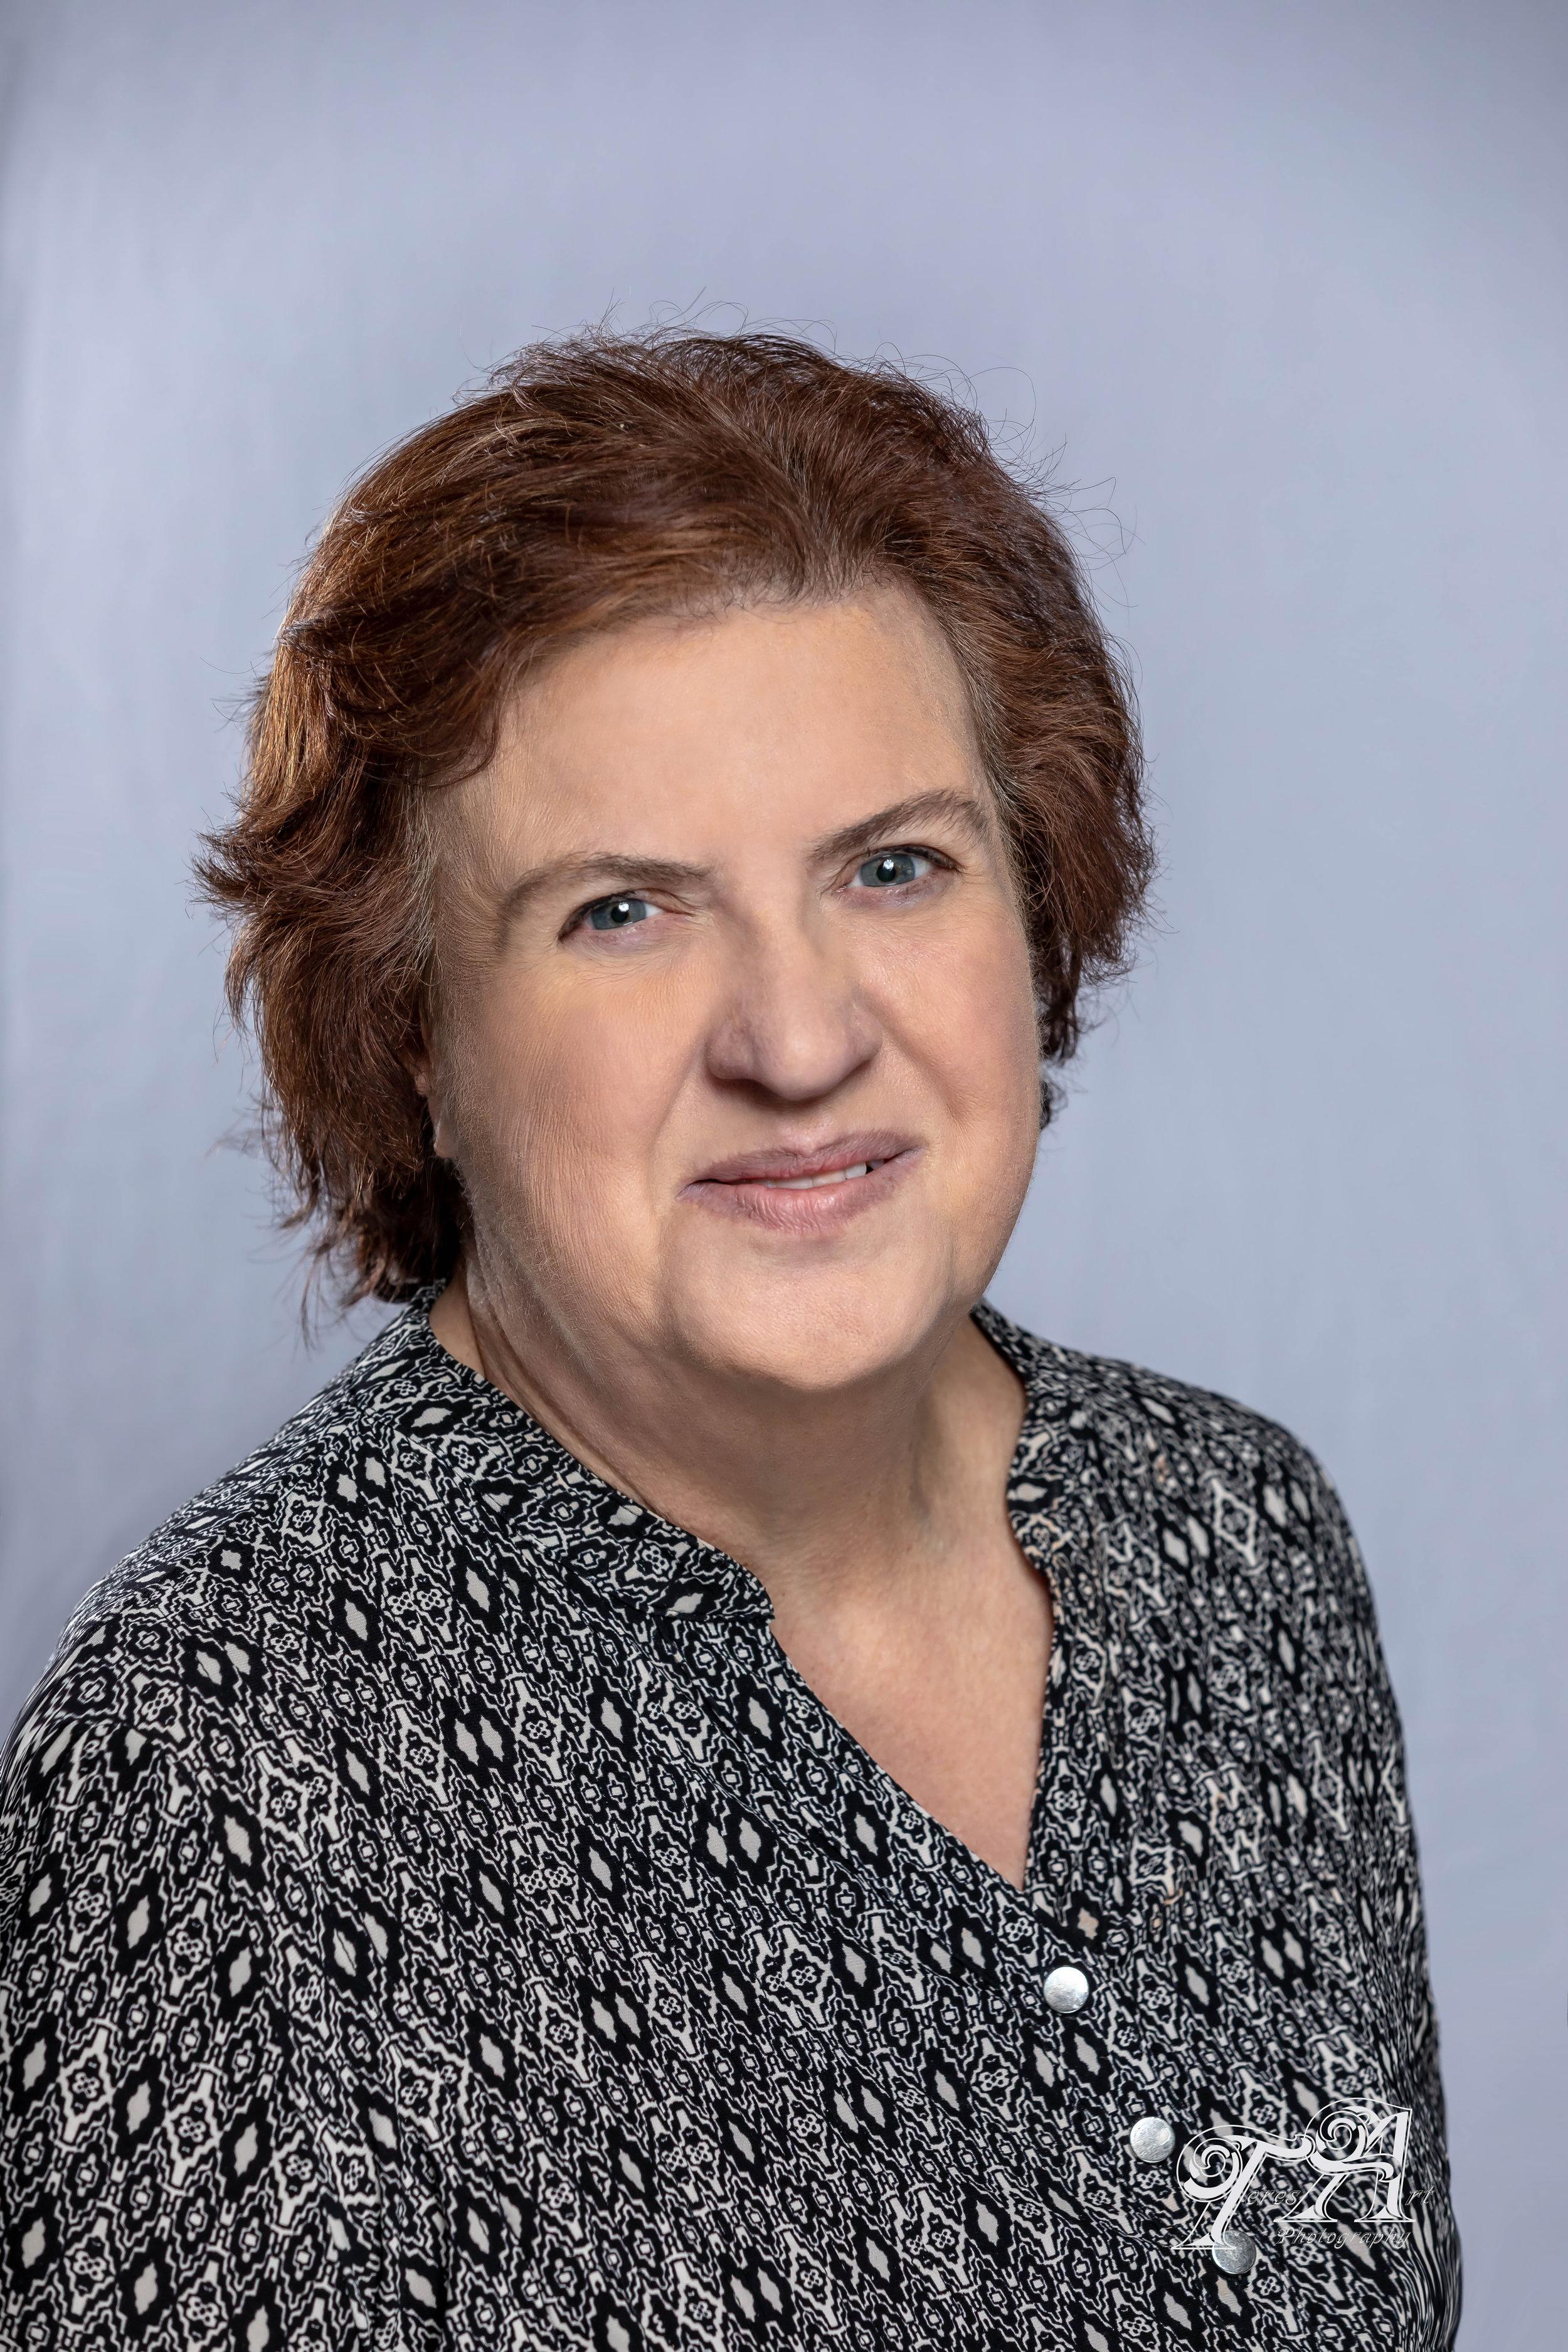 Renée Mirenda - Administradora de NegociosCorreo Electrónico: RMirenda@StBridgetUP.org